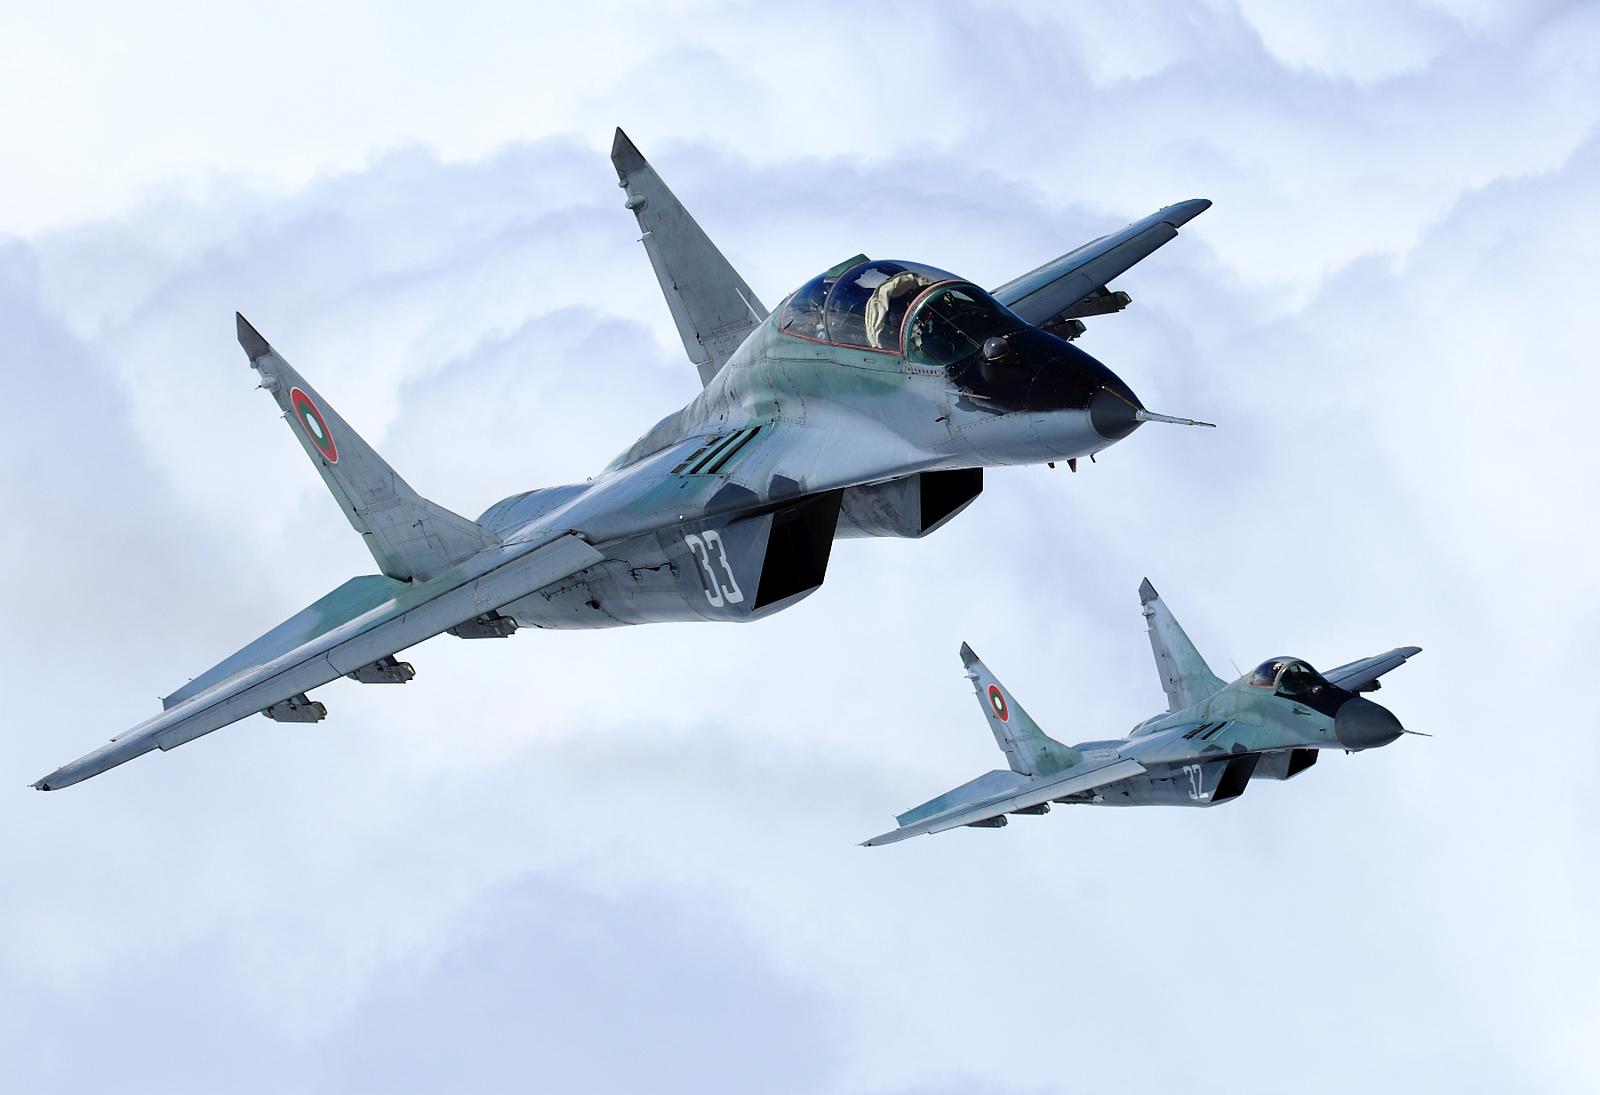 Болгария объявила тендер на восстановление летной годности всего парка истребителей МиГ-29